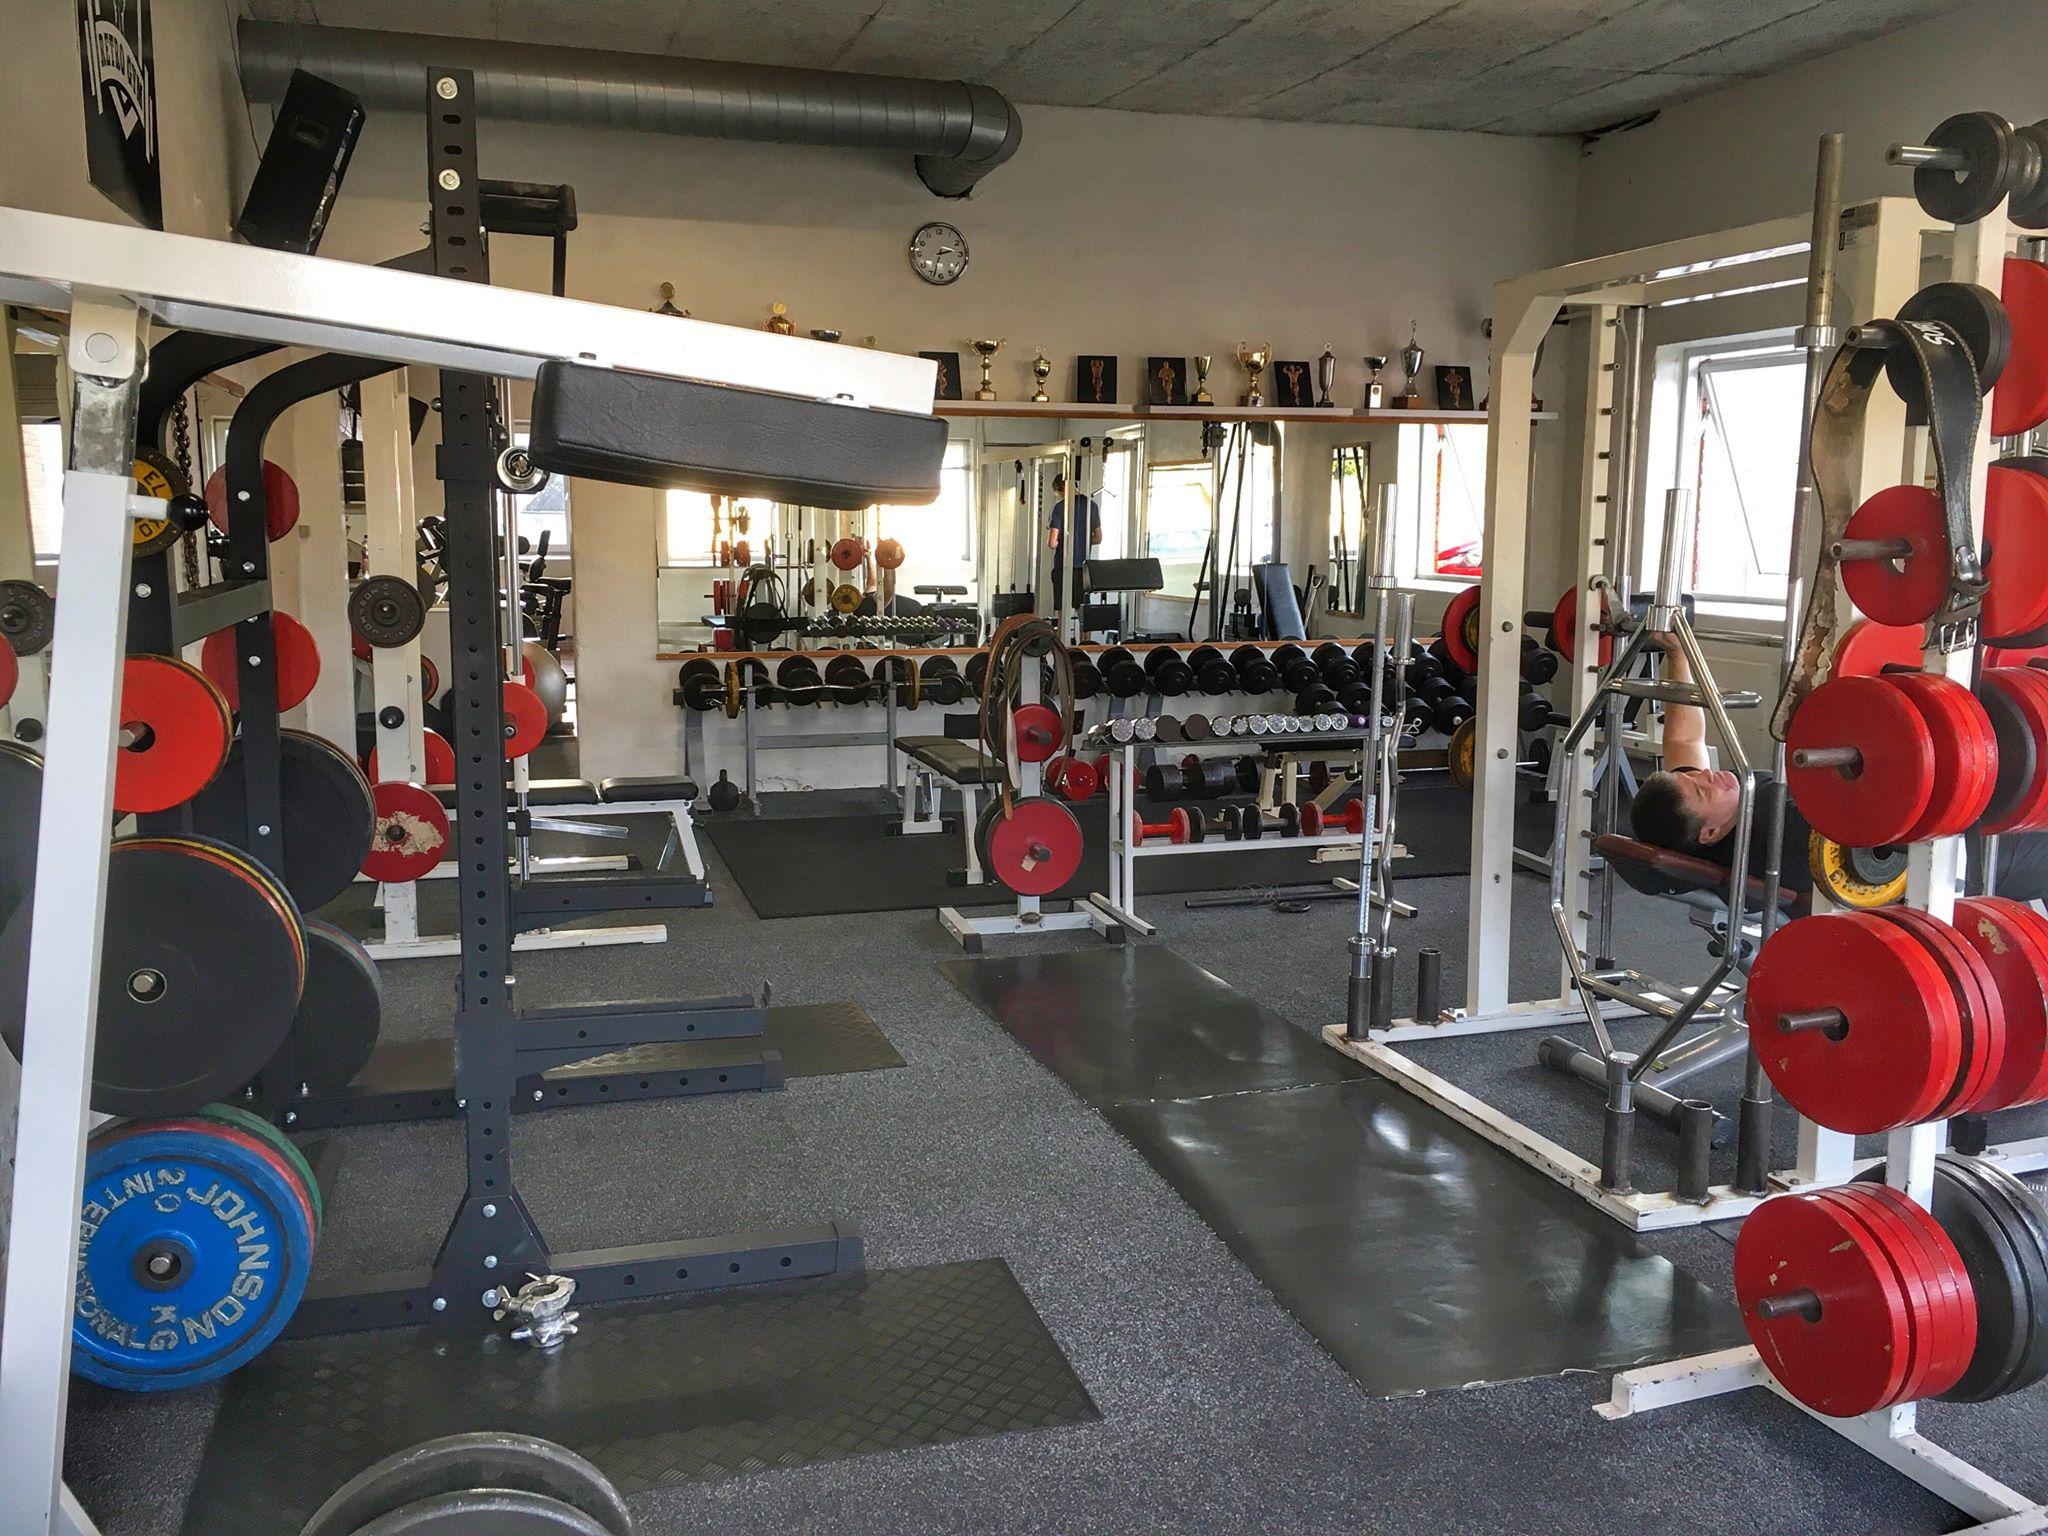 Træningscenter i Ringe - frivægte